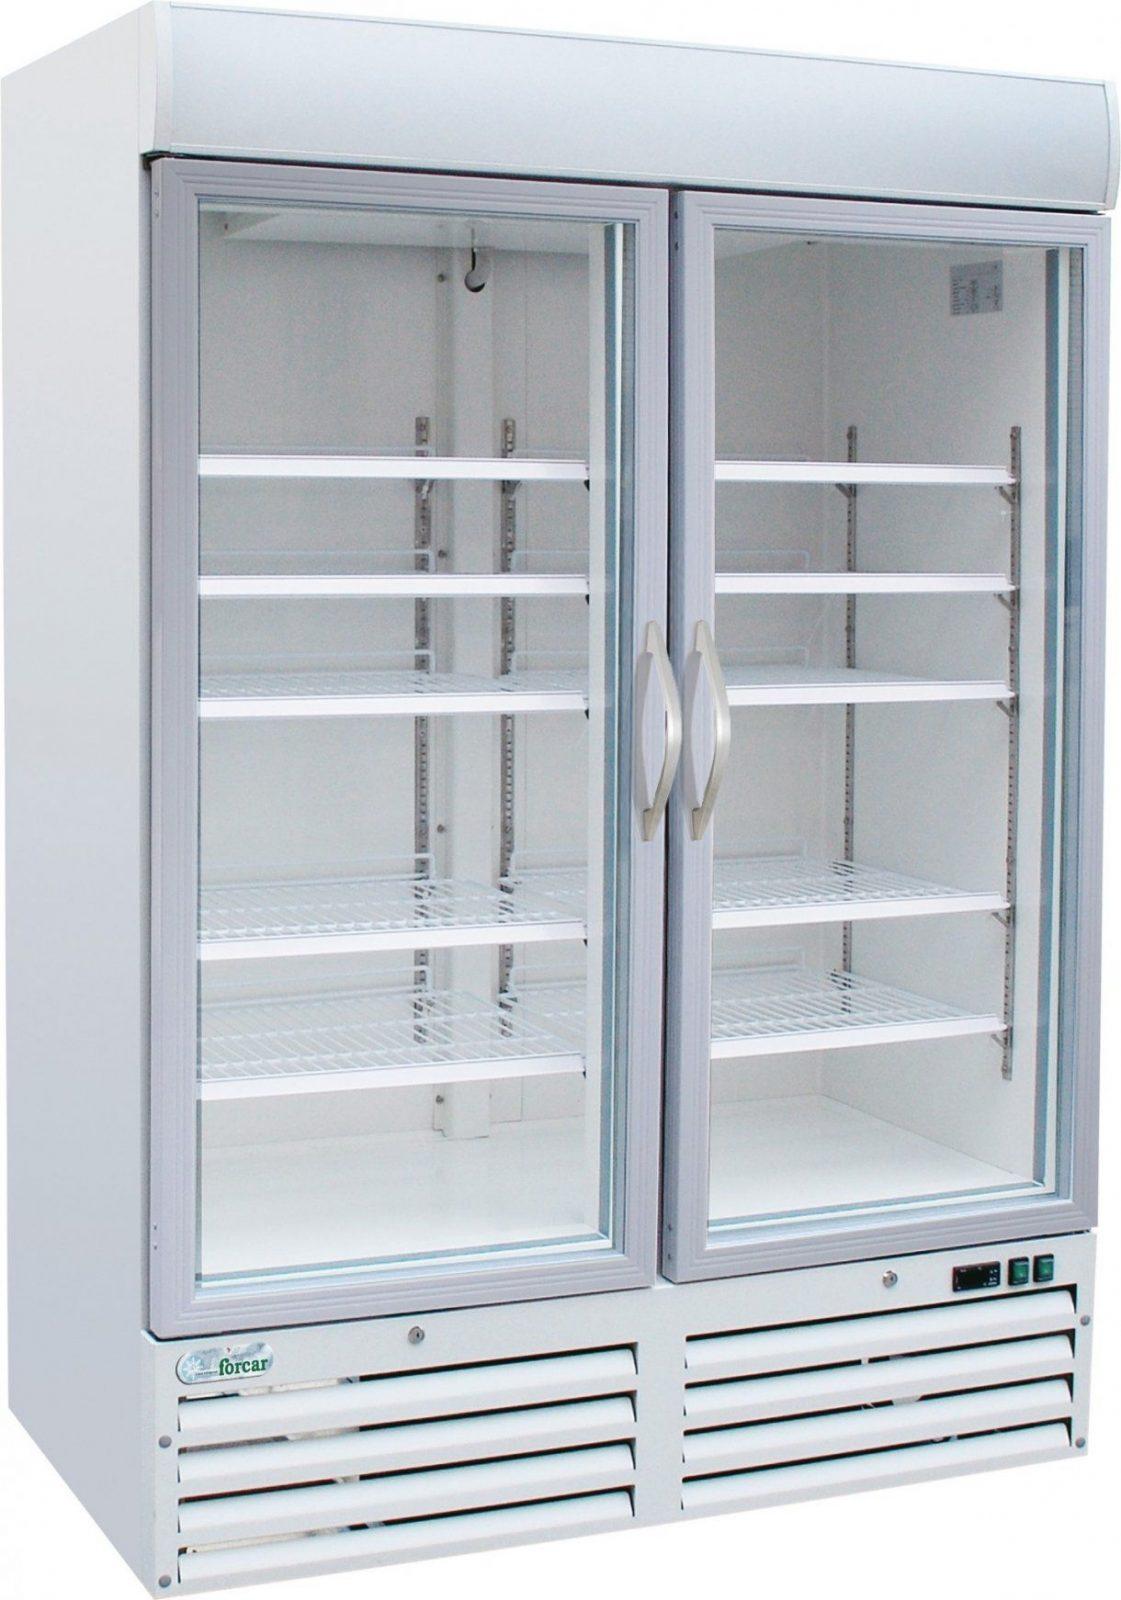 Gastro Kühlschrank Gebraucht  Ramirez Leanne Blog von Kühlschrank Mit Gefrierfach Gebraucht Photo